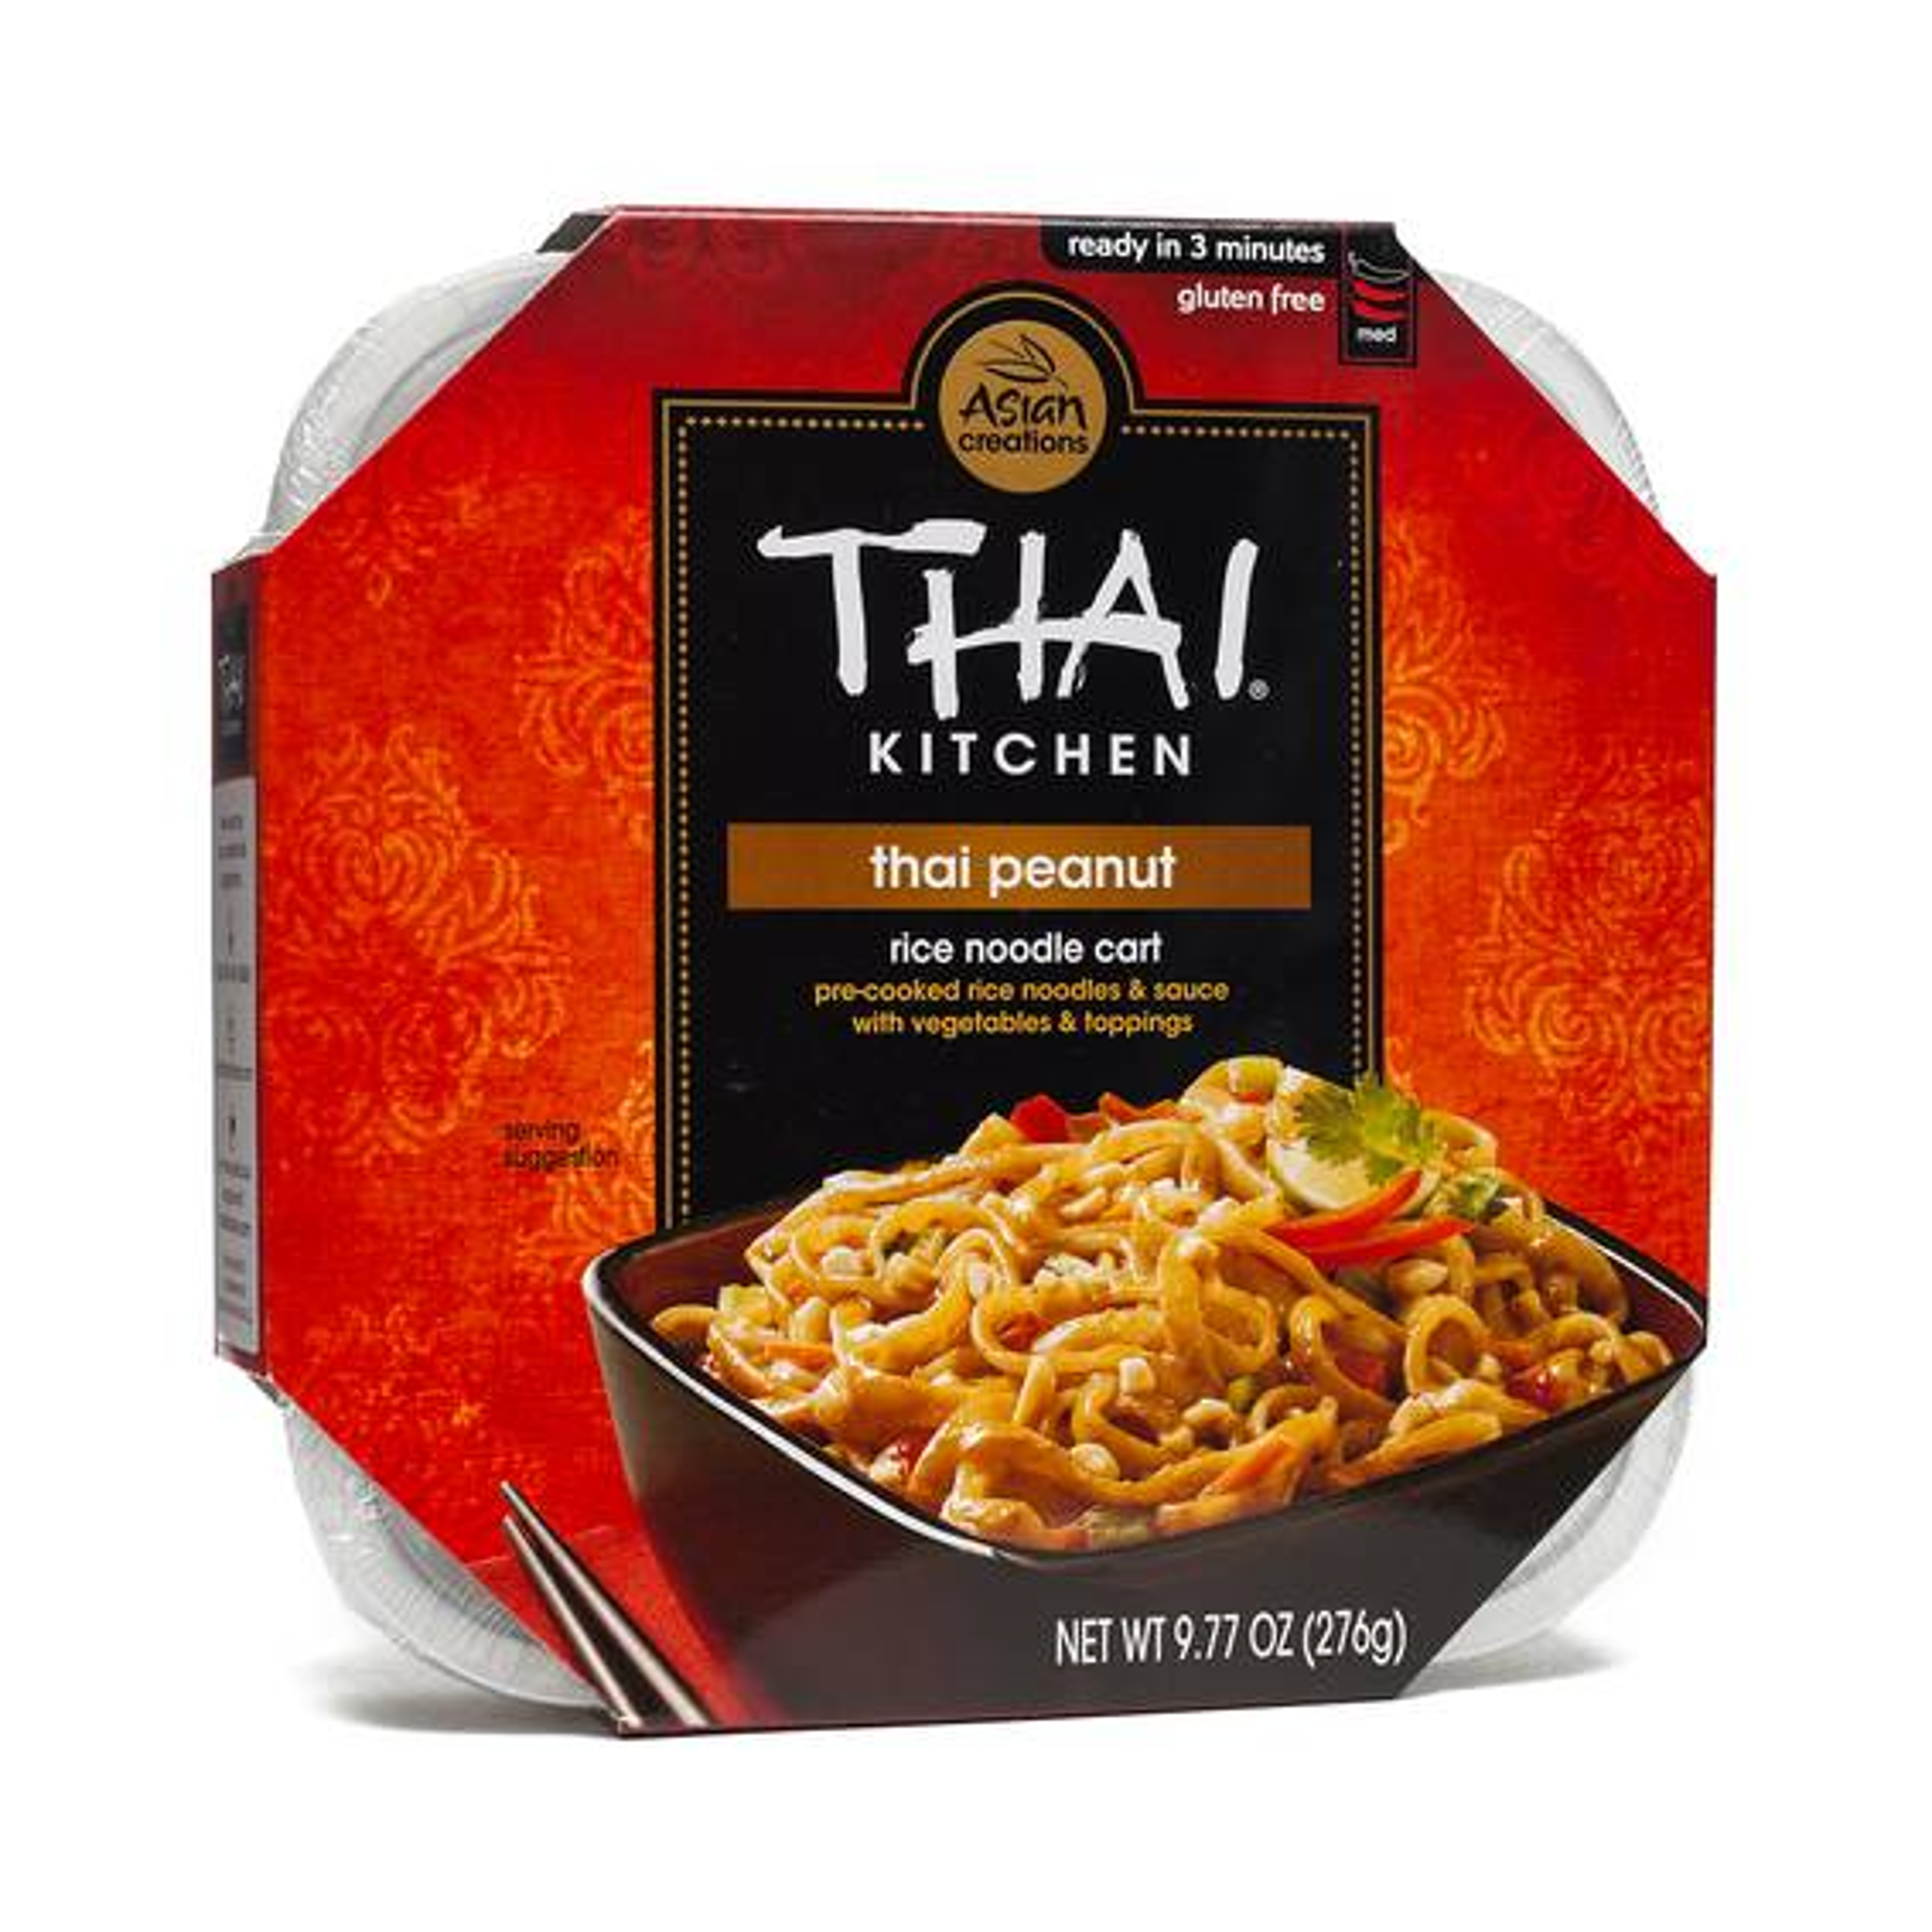 Thai Peanut Noodle Cart